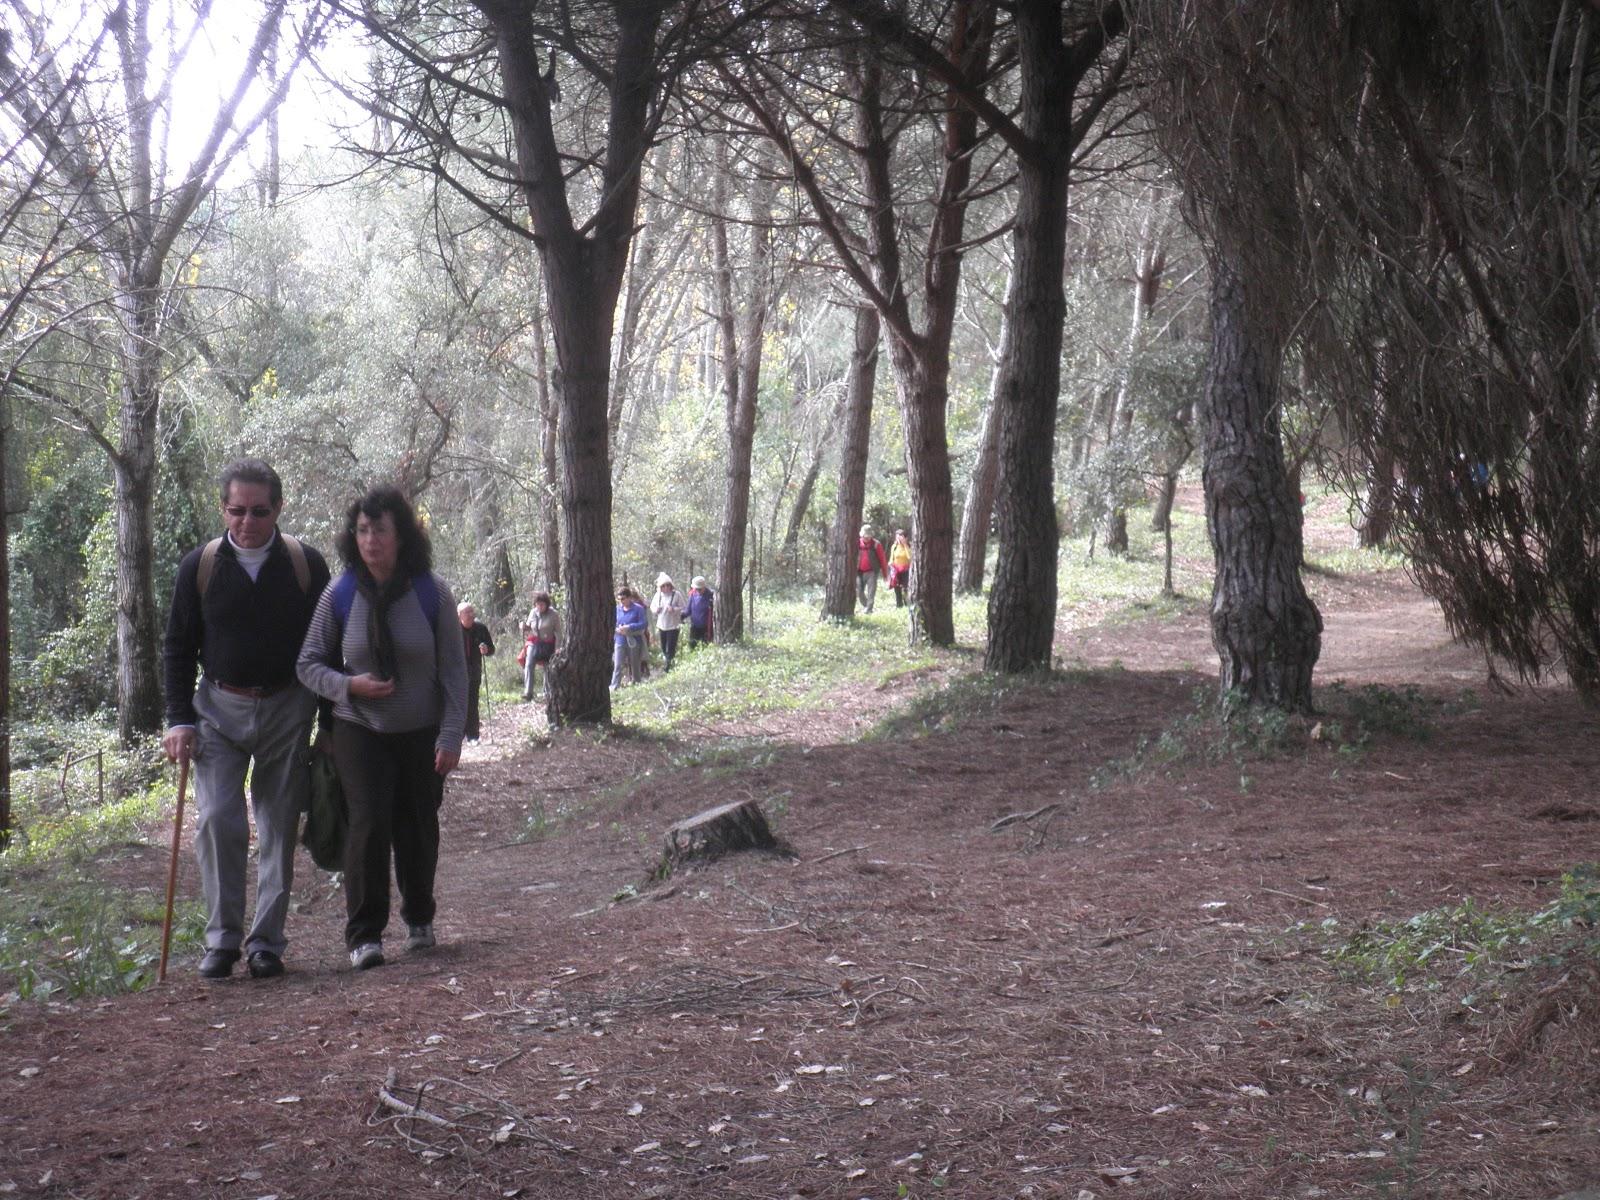 Asociaci n deportivo cultural rote a en ruta arroyo de for Asociacion pinar jardin